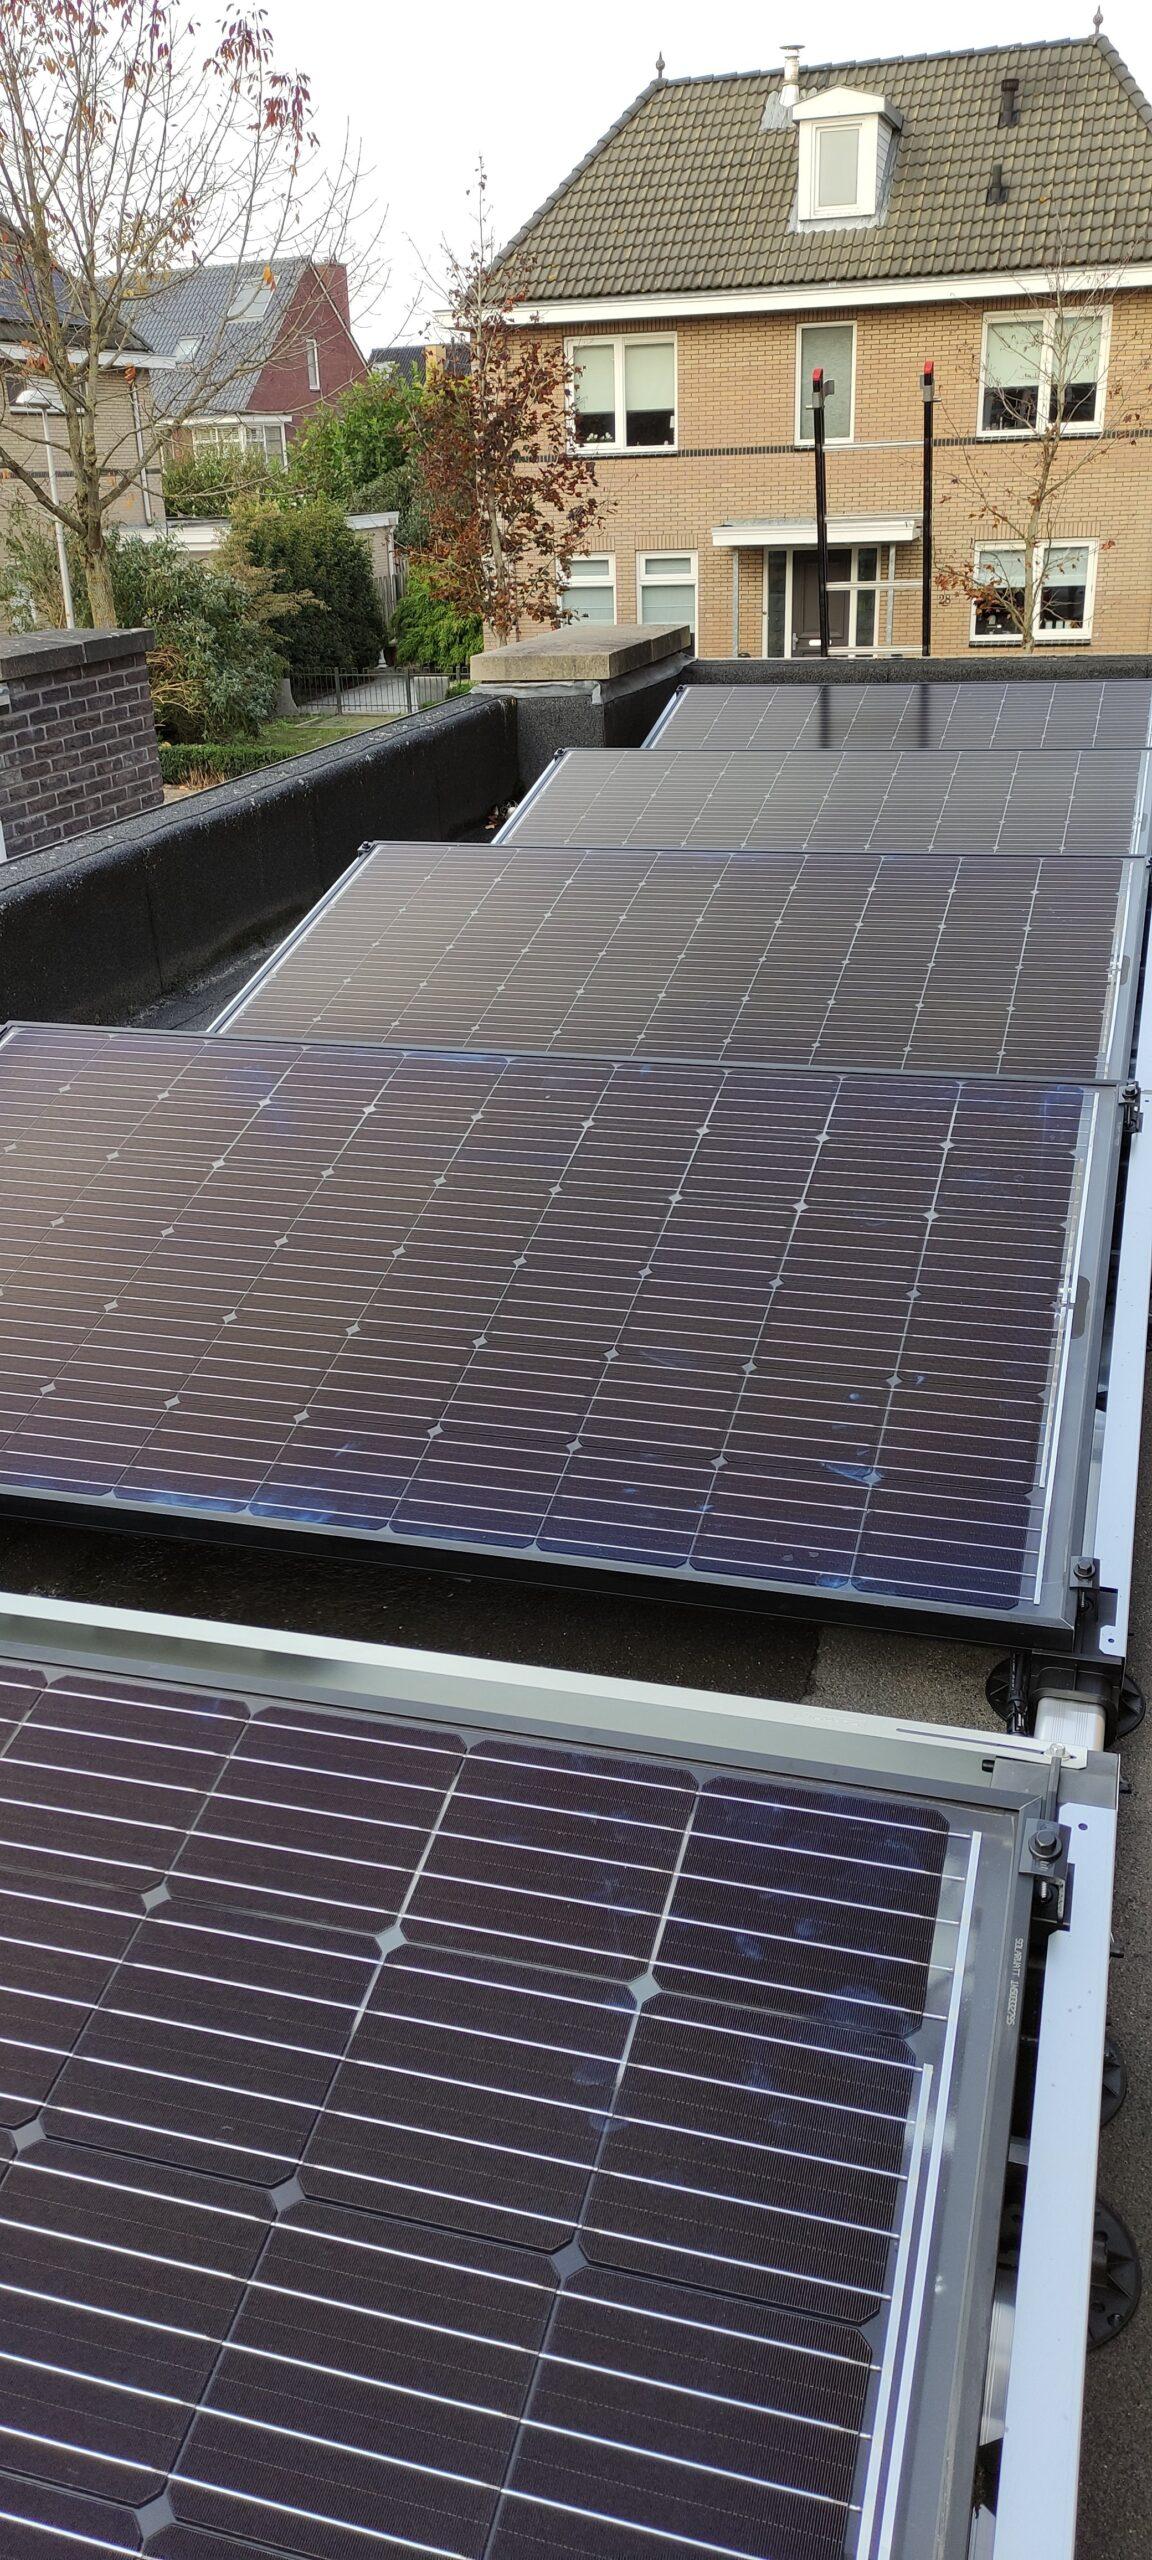 Solarwatt glas-glas zonnepanelen Hoogeveen